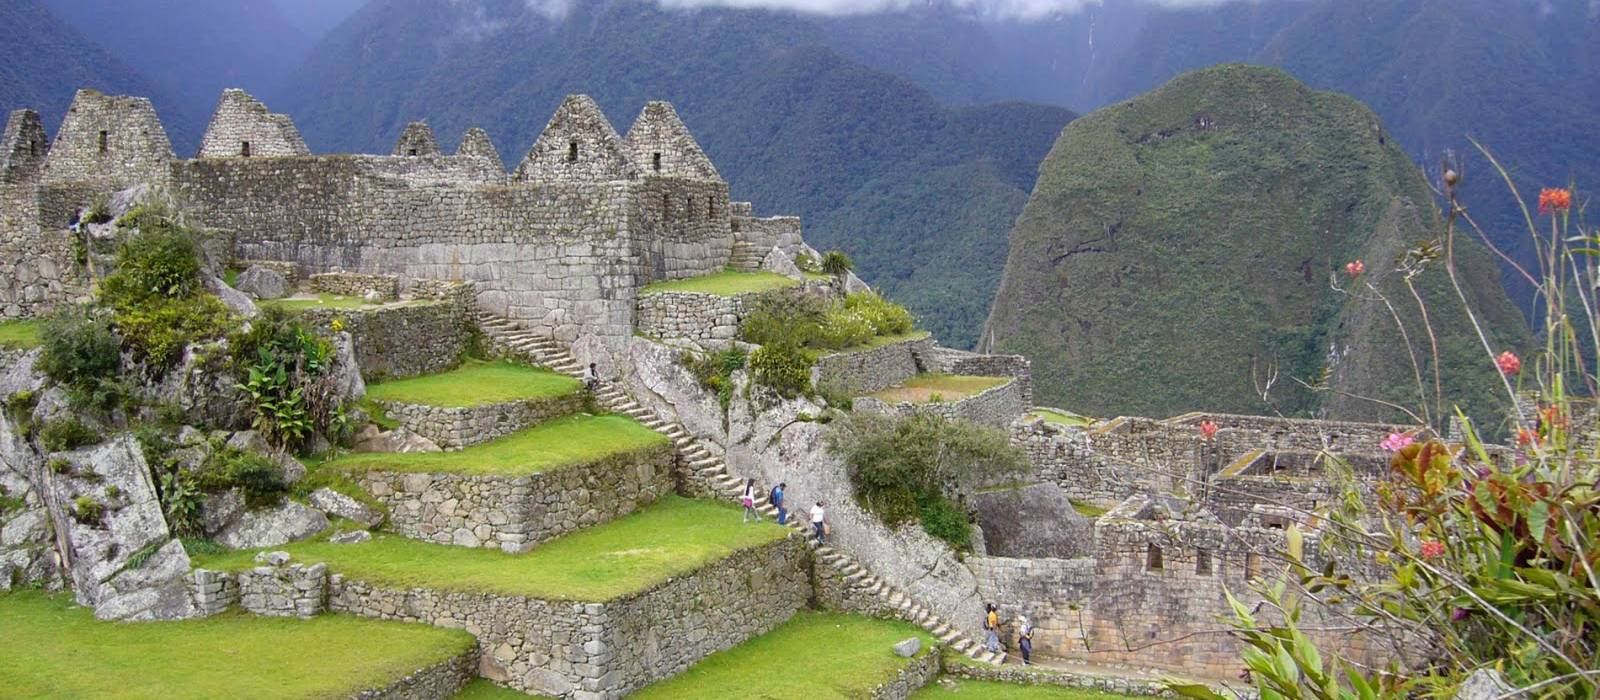 Ancient Inca city of Machu Picchu, Peru panoramic landscape, South America